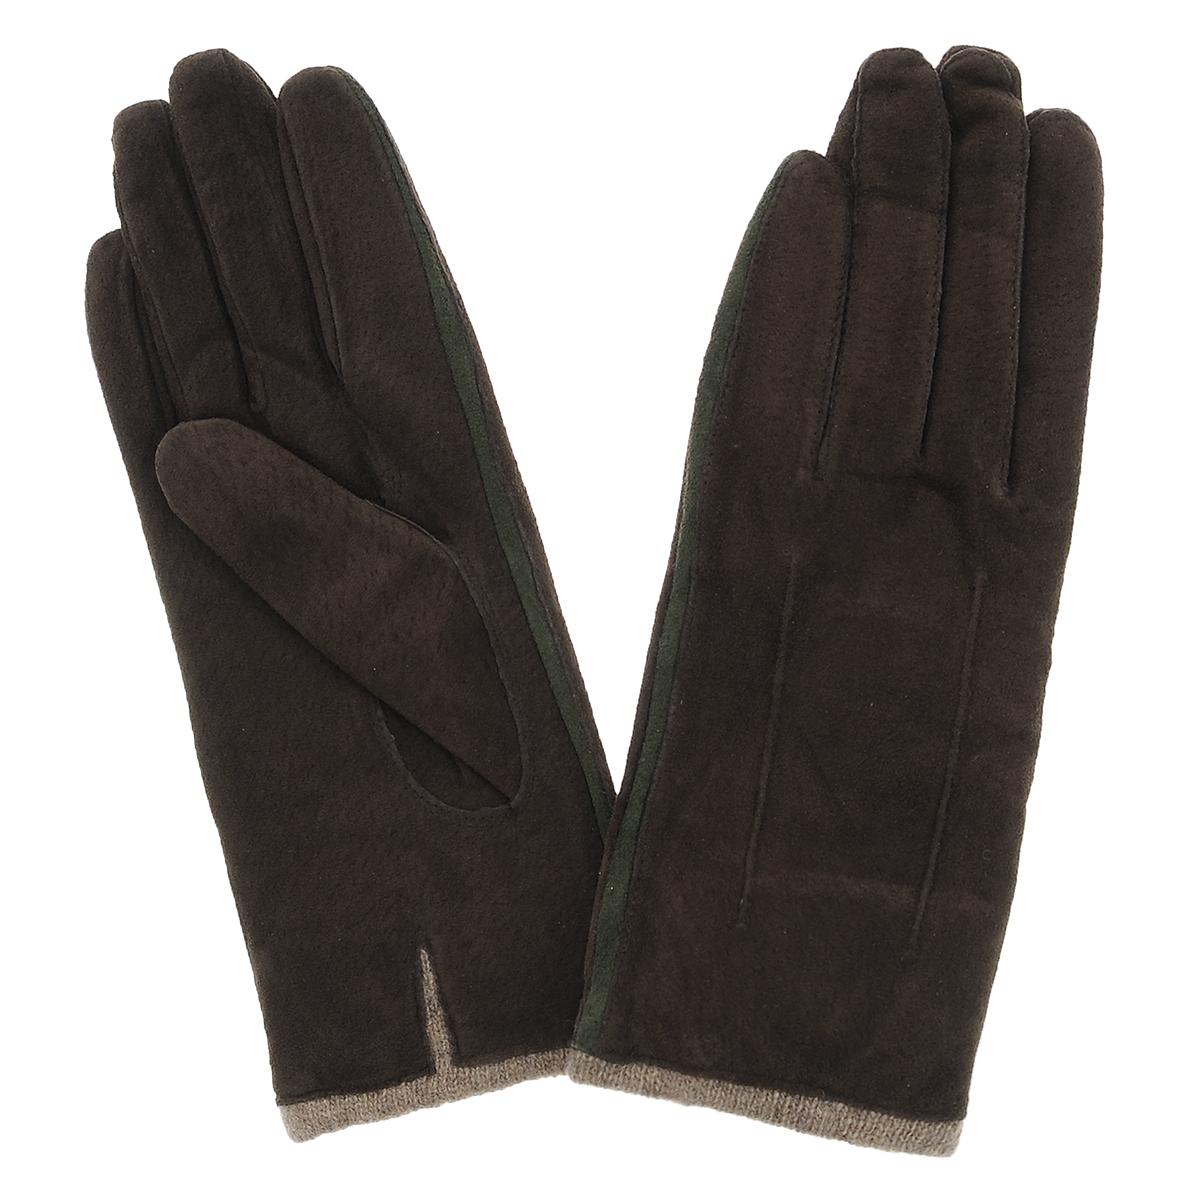 Перчатки женские. SP13_FIASP13_FIA/BR.VERDEСтильные перчатки Dali Exclusive с подкладкой из шерсти выполнены из мягкой и приятной на ощупь натуральной замши. Такие перчатки подчеркнут ваш стиль и неповторимость и придадут всему образу нотки женственности и элегантности.